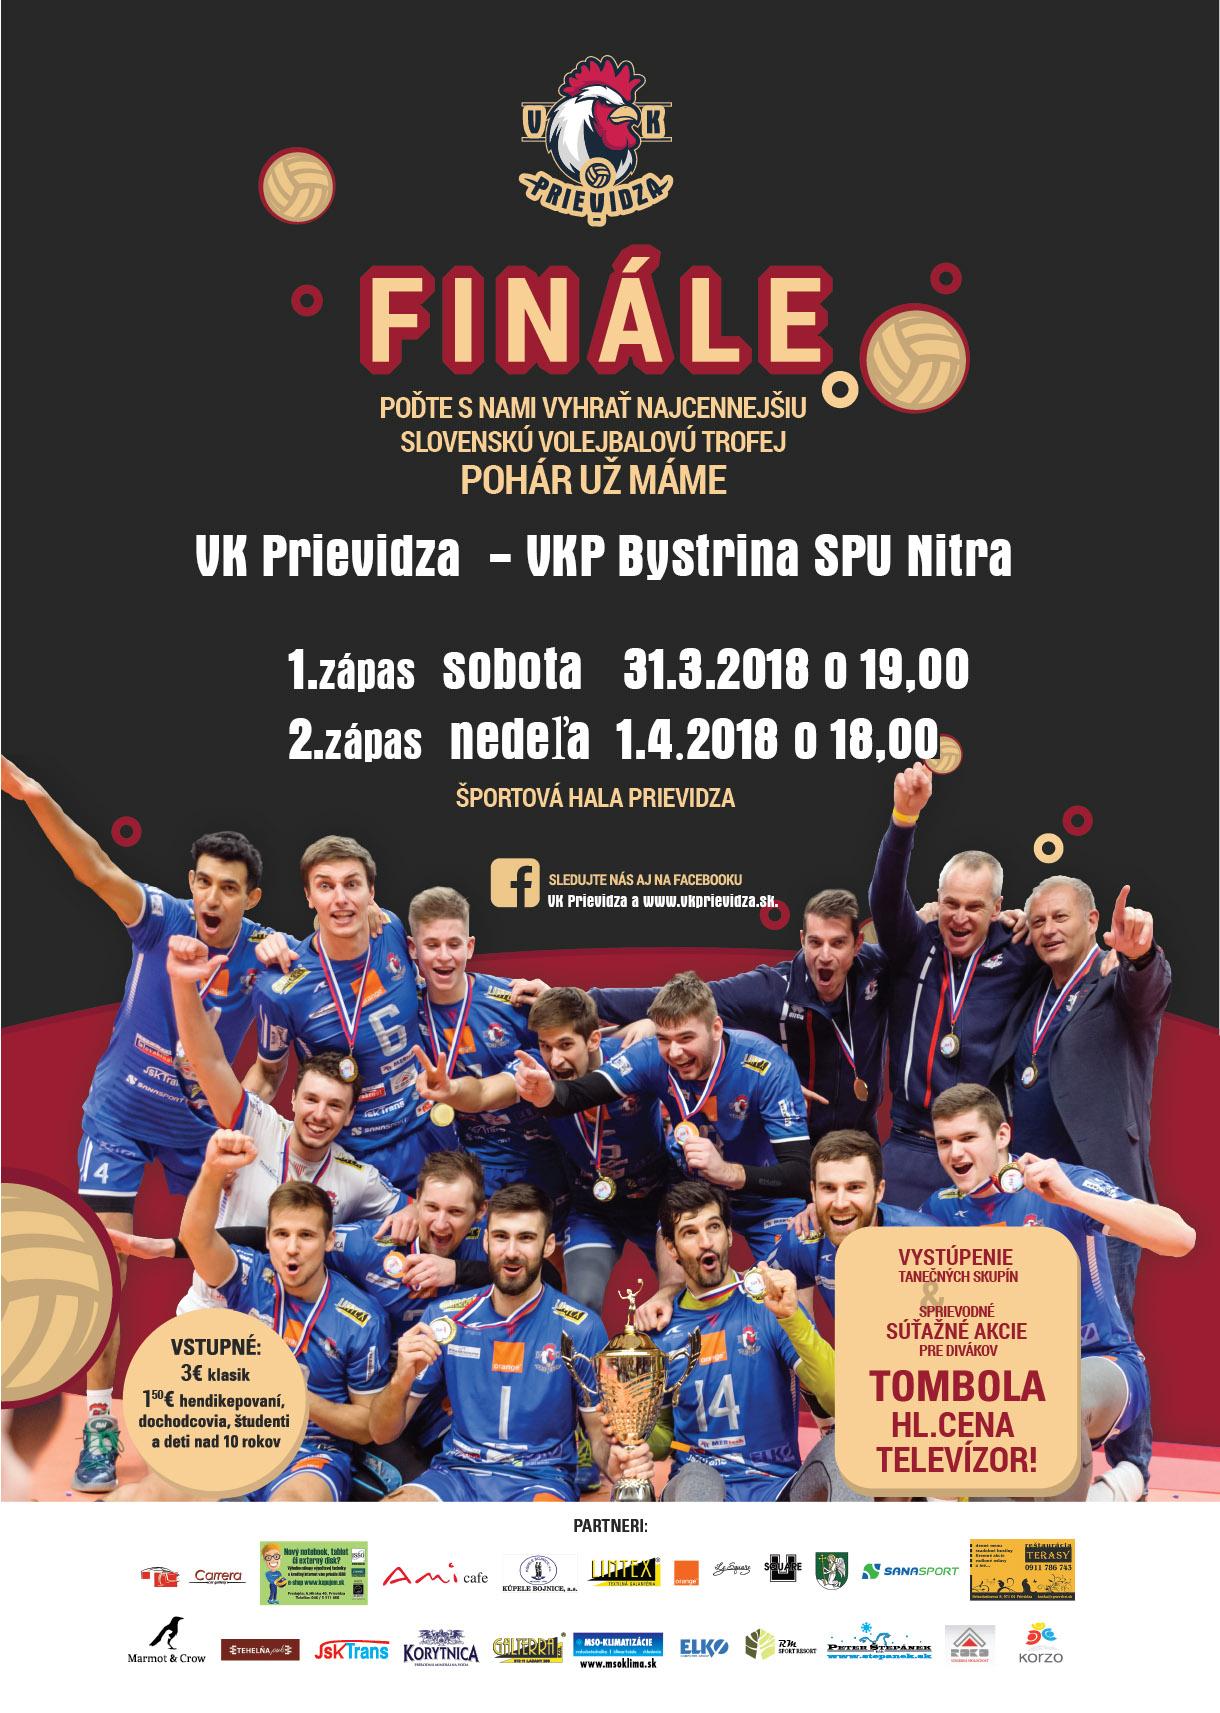 Finálová séria medzi VK Prievidza - VKP Bystrina STU Nitra